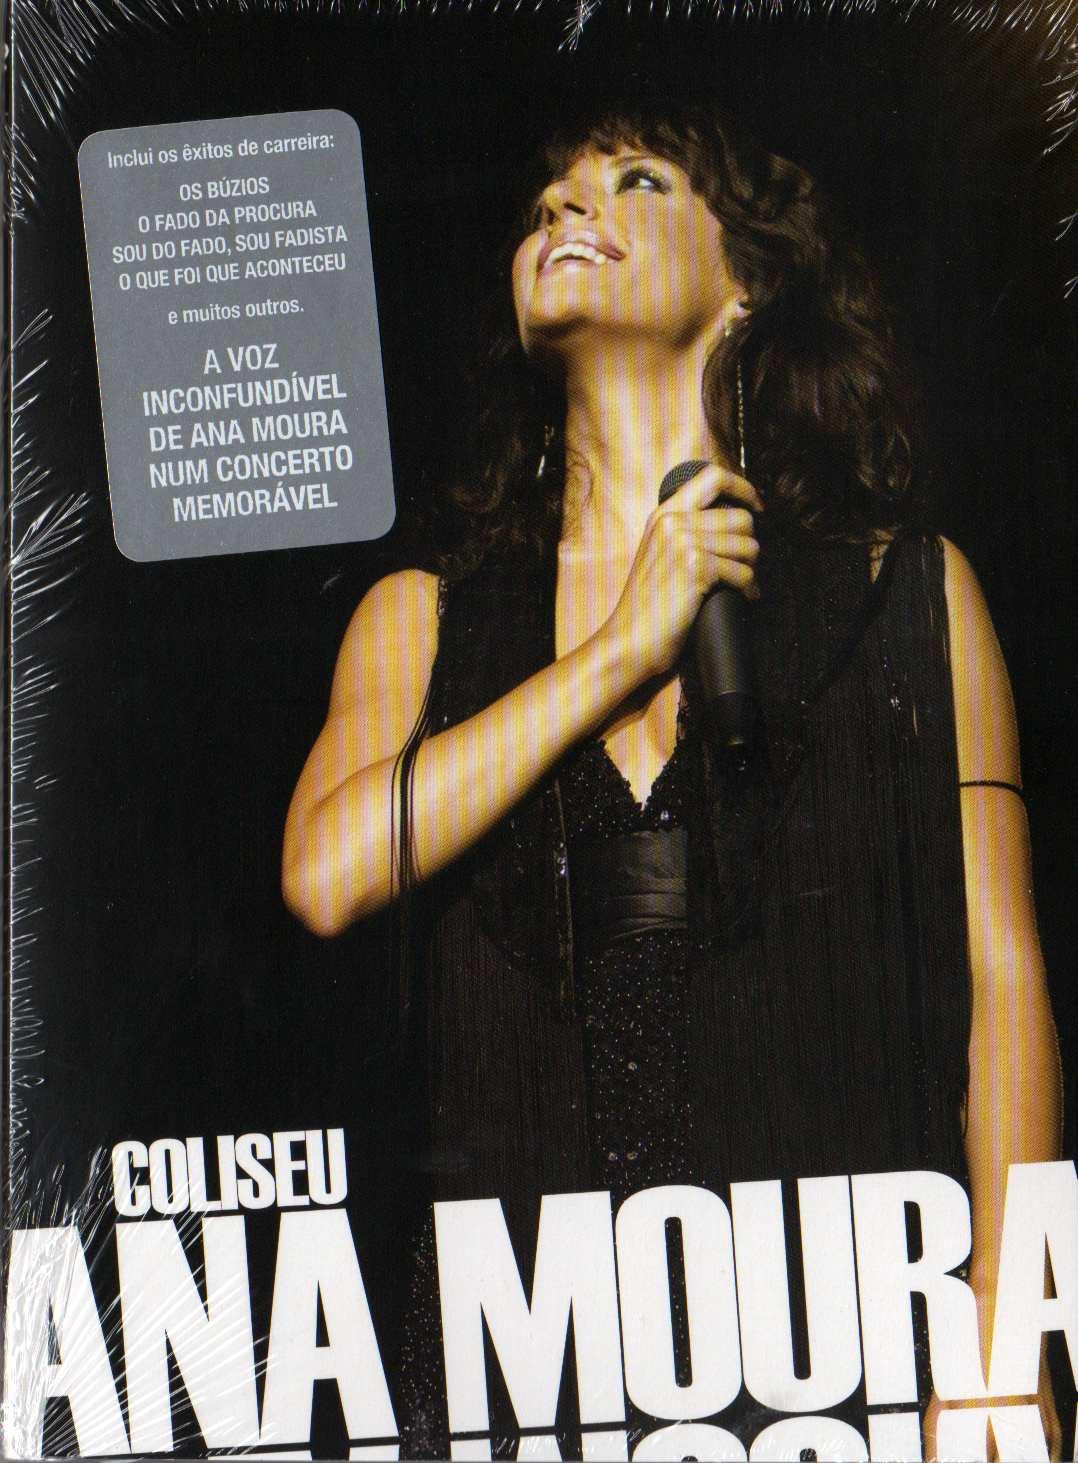 Coliseu DVD